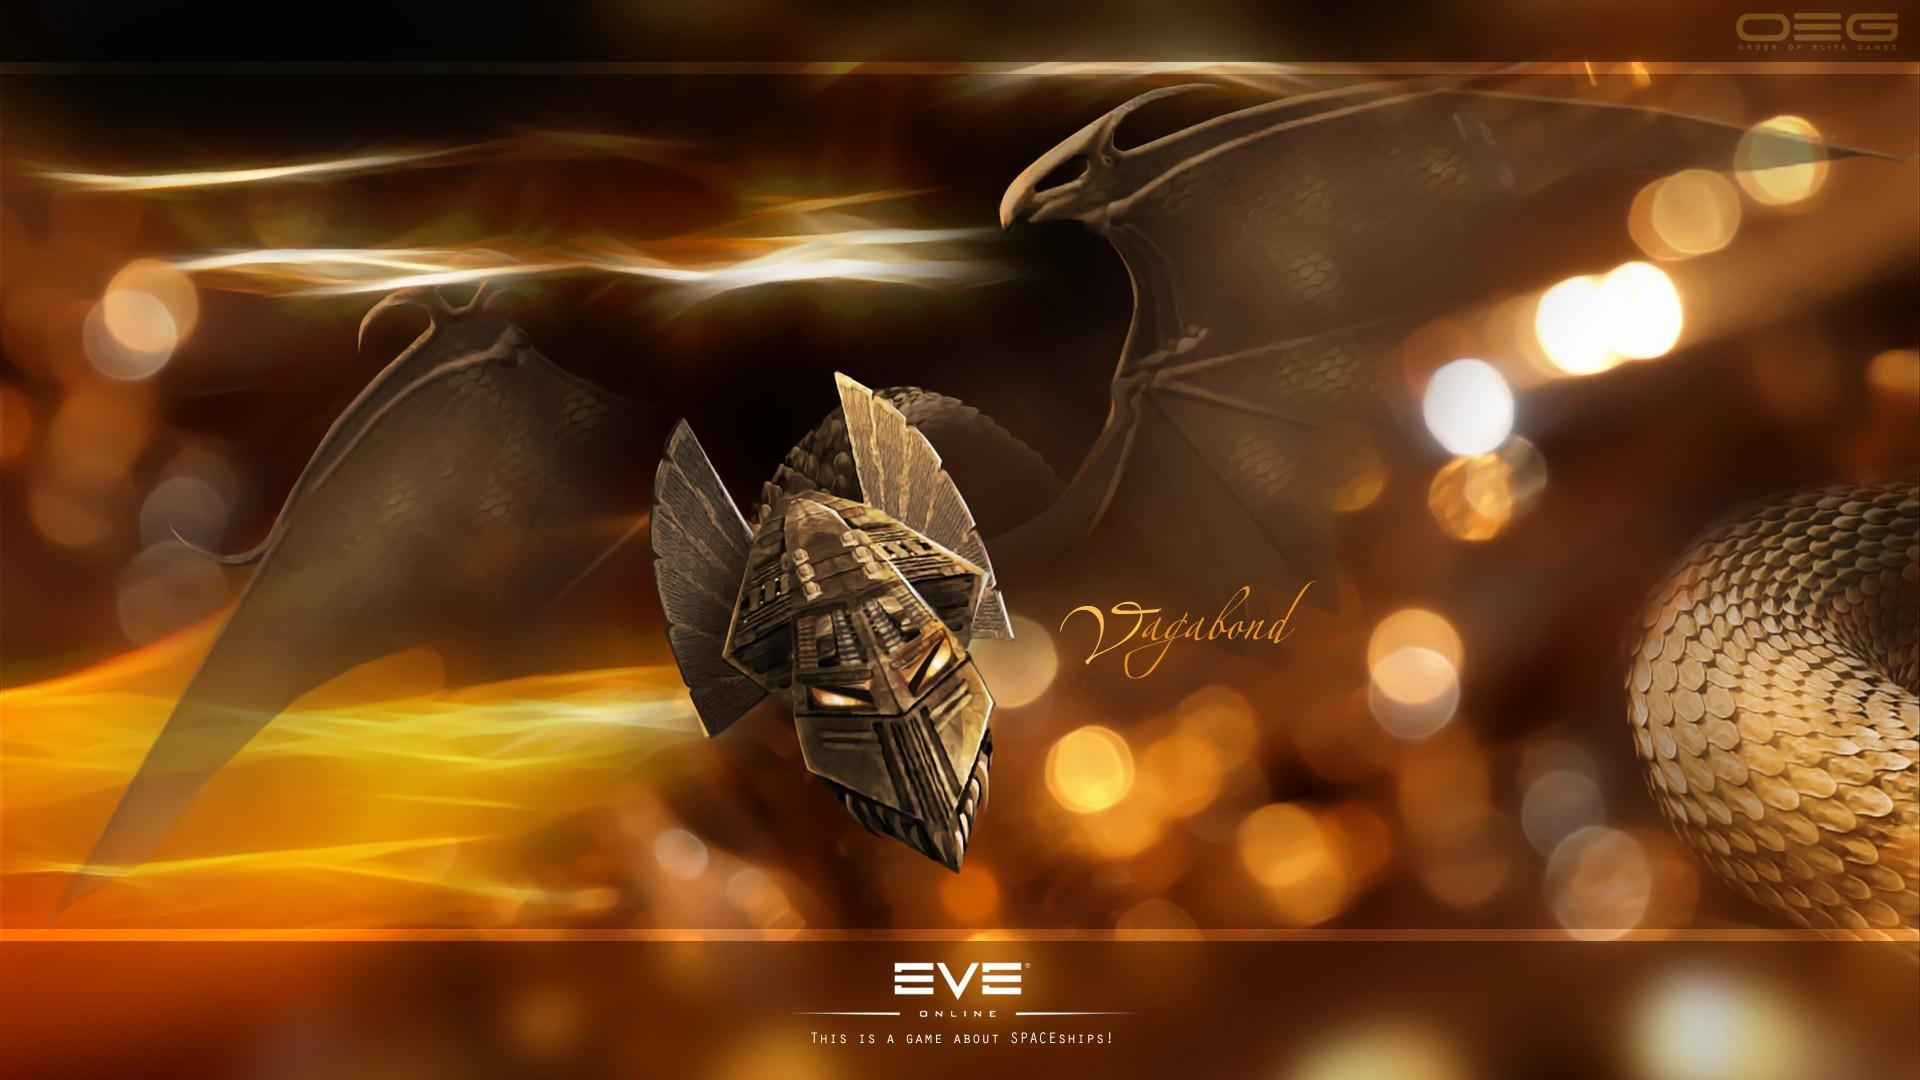 Eve Online Computer Wallpapers, Desktop Backgrounds